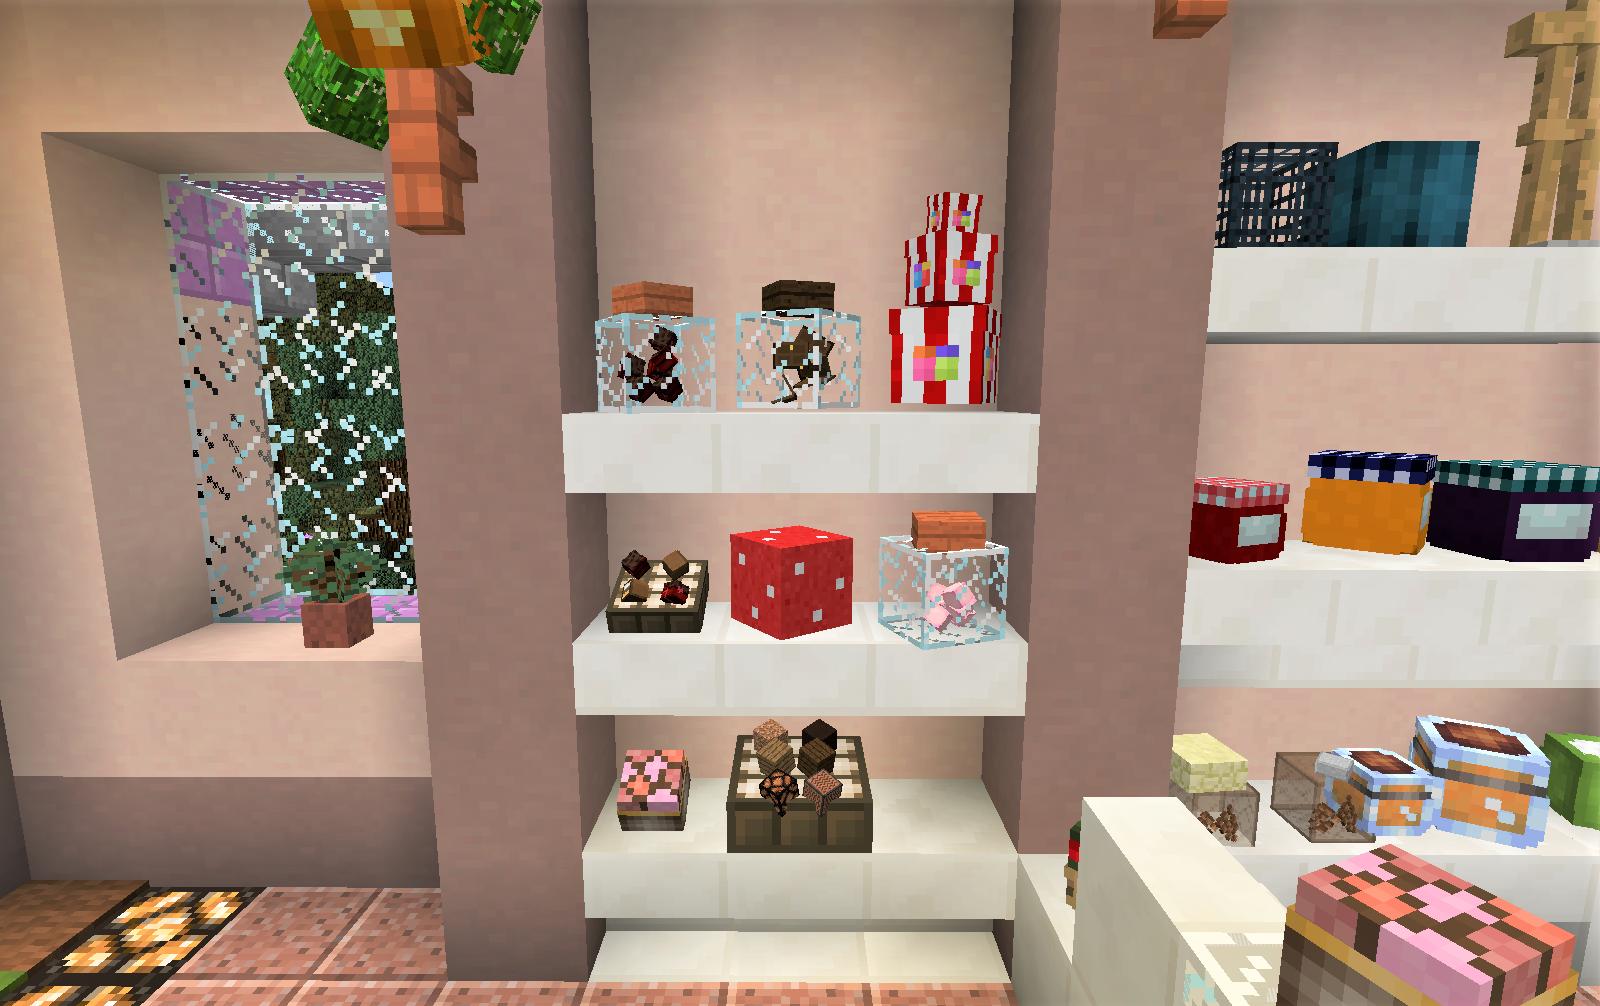 チョコレート店 内装4.png